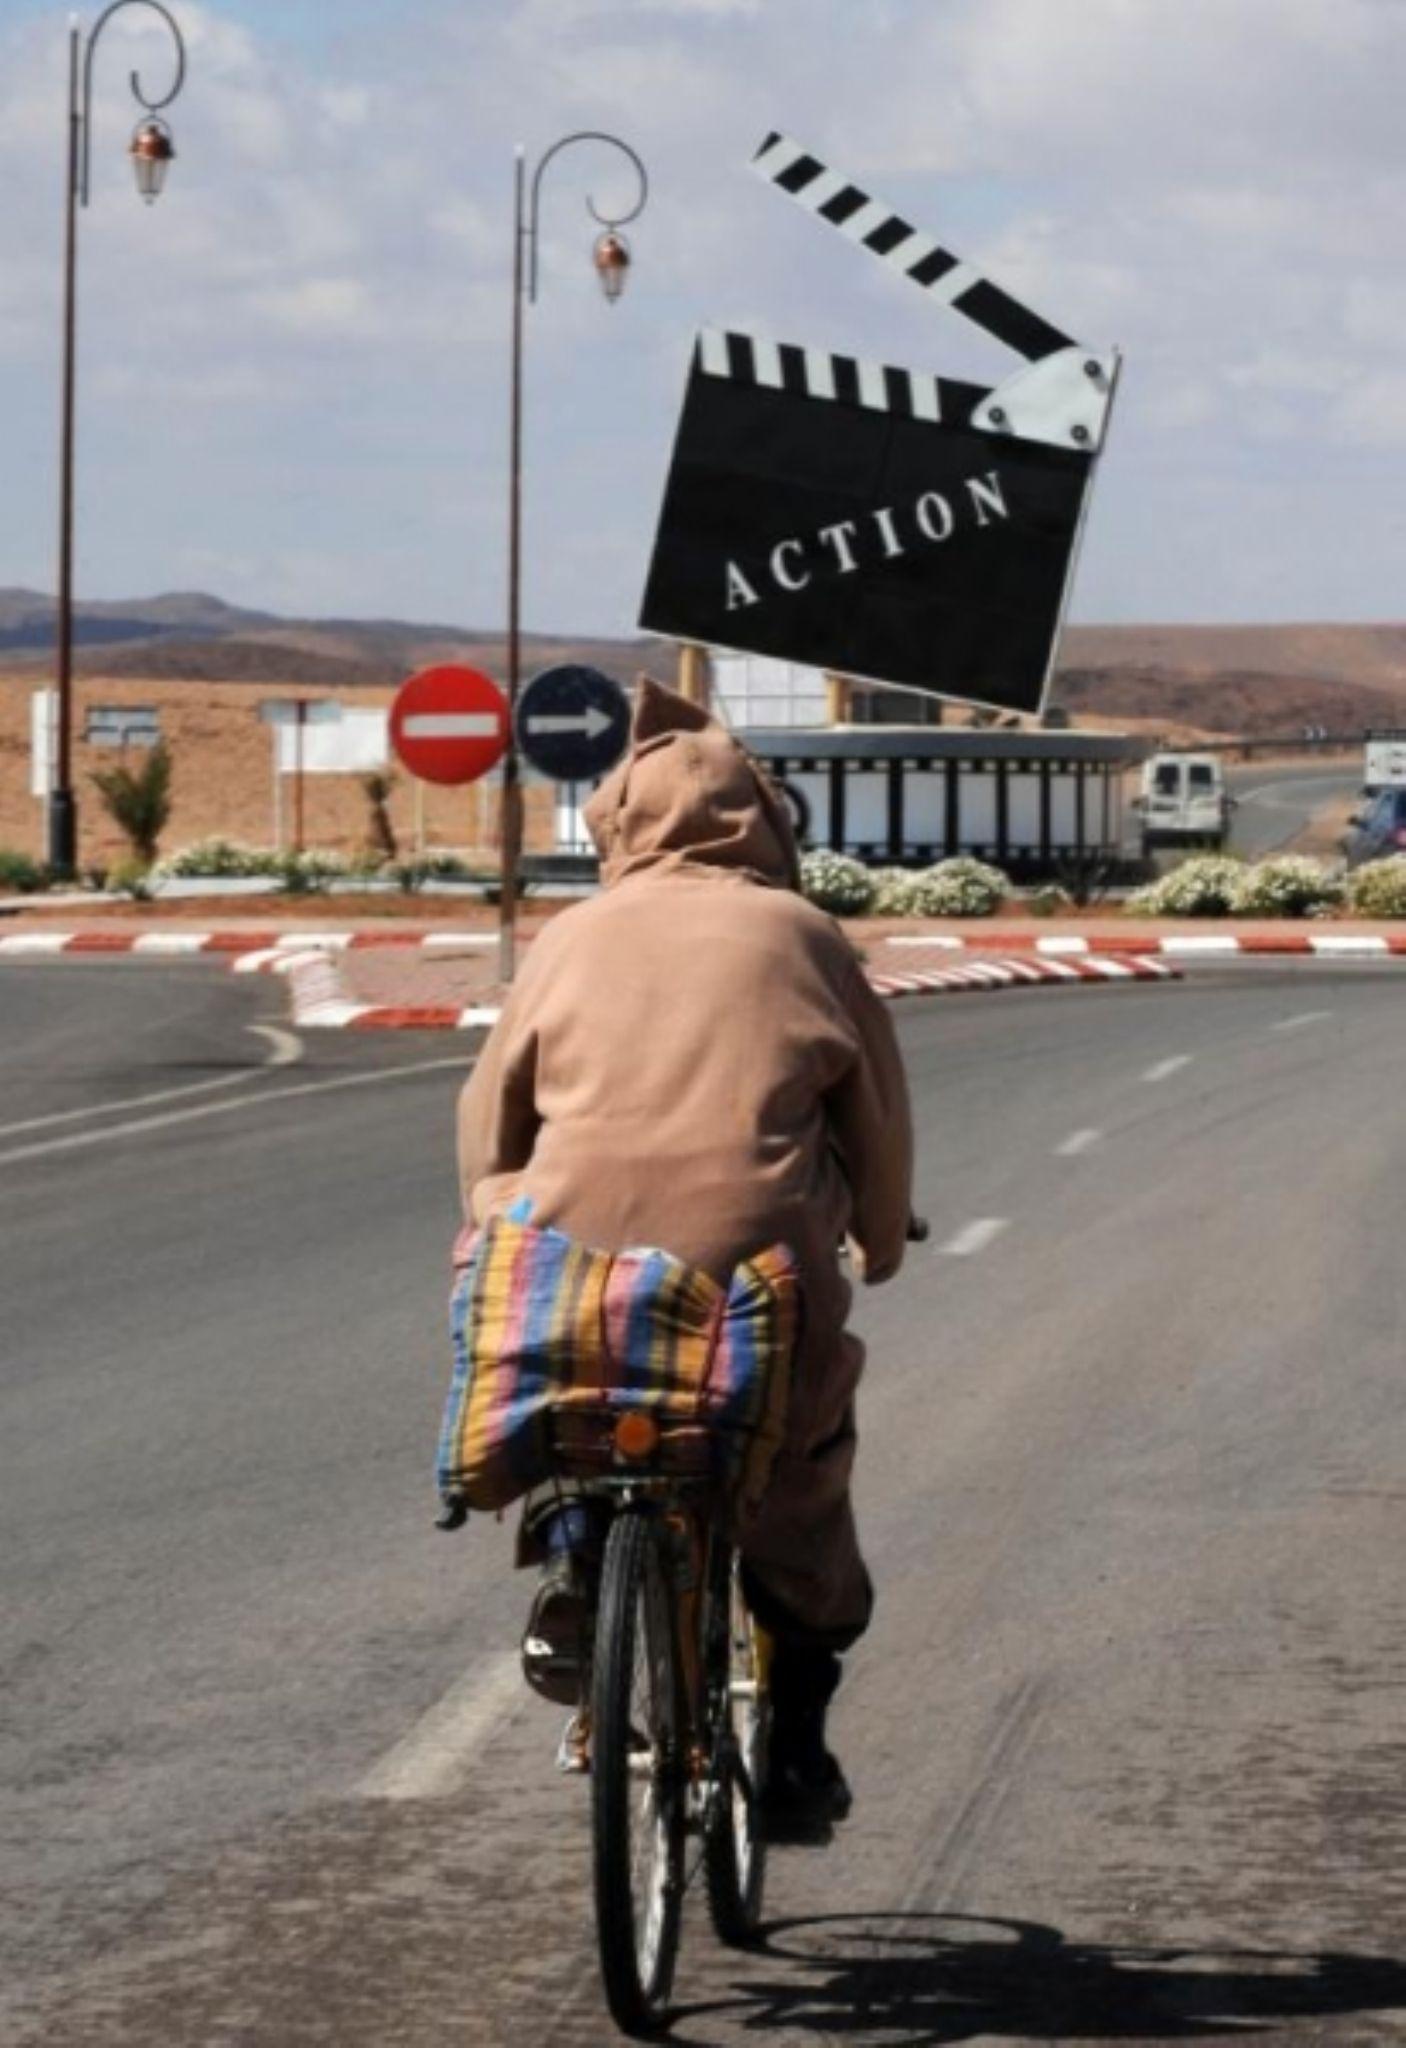 Ouarzazate Action by Mehdi Elanani